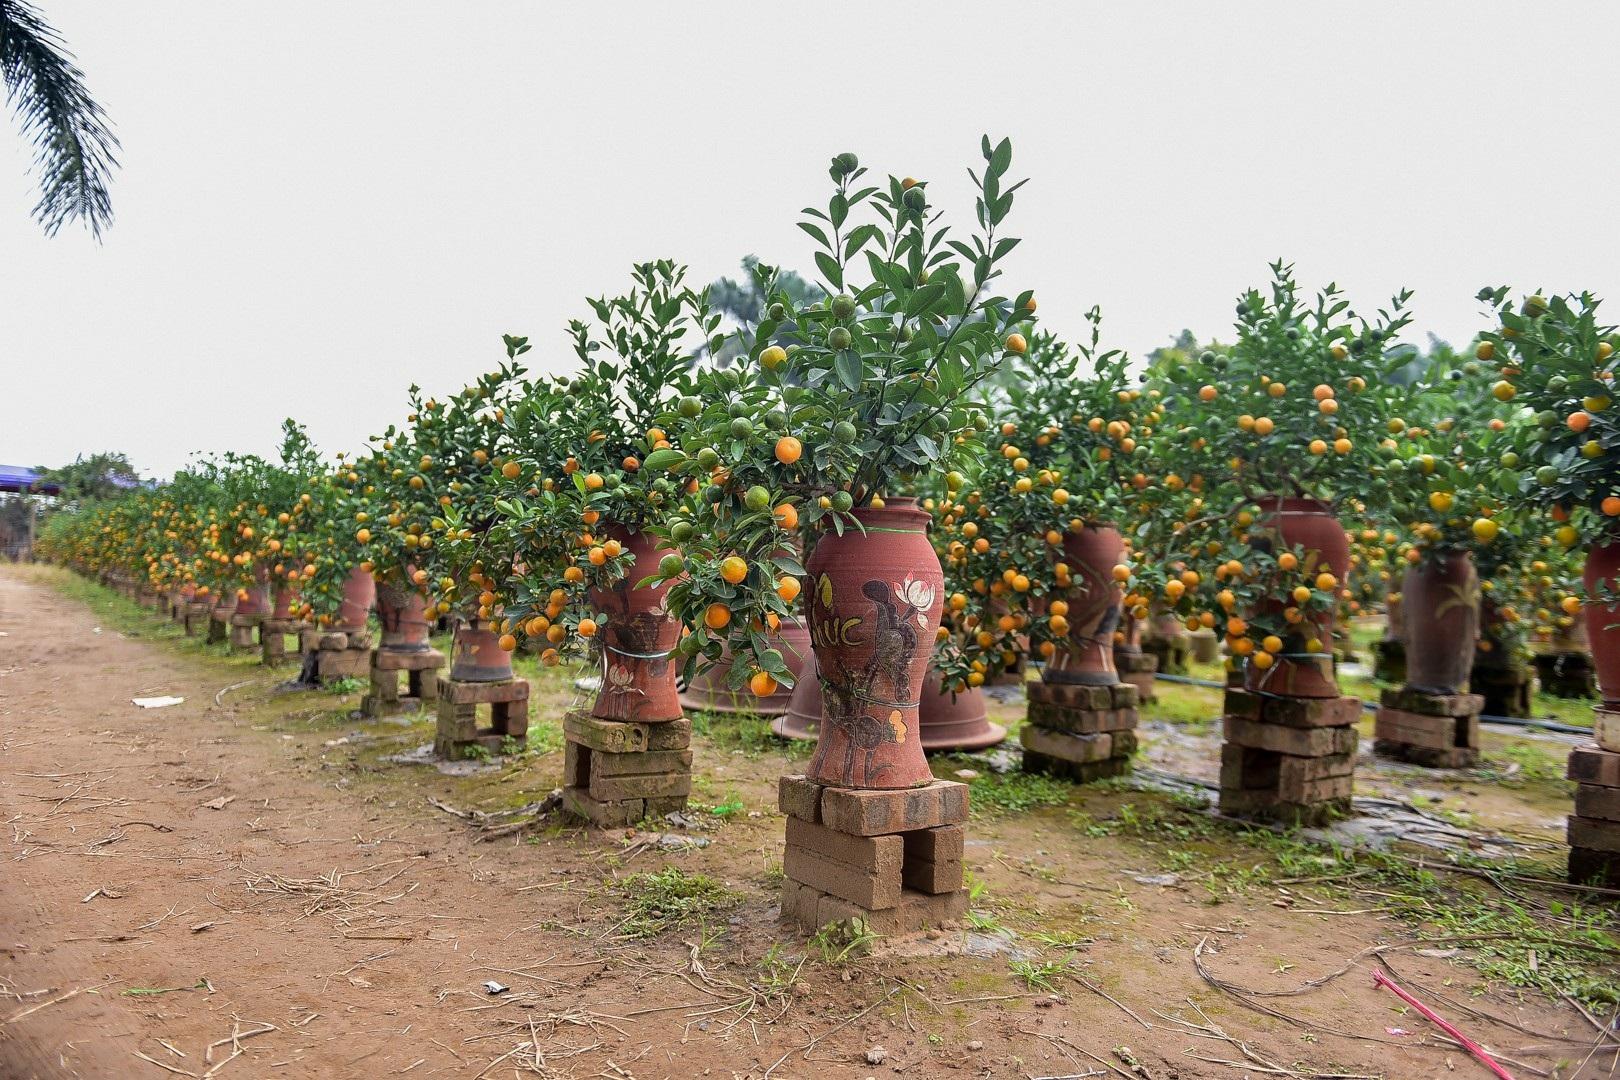 Độc đáo: Quất lọ bonsai hút khách chơi Tết - Ảnh 3.